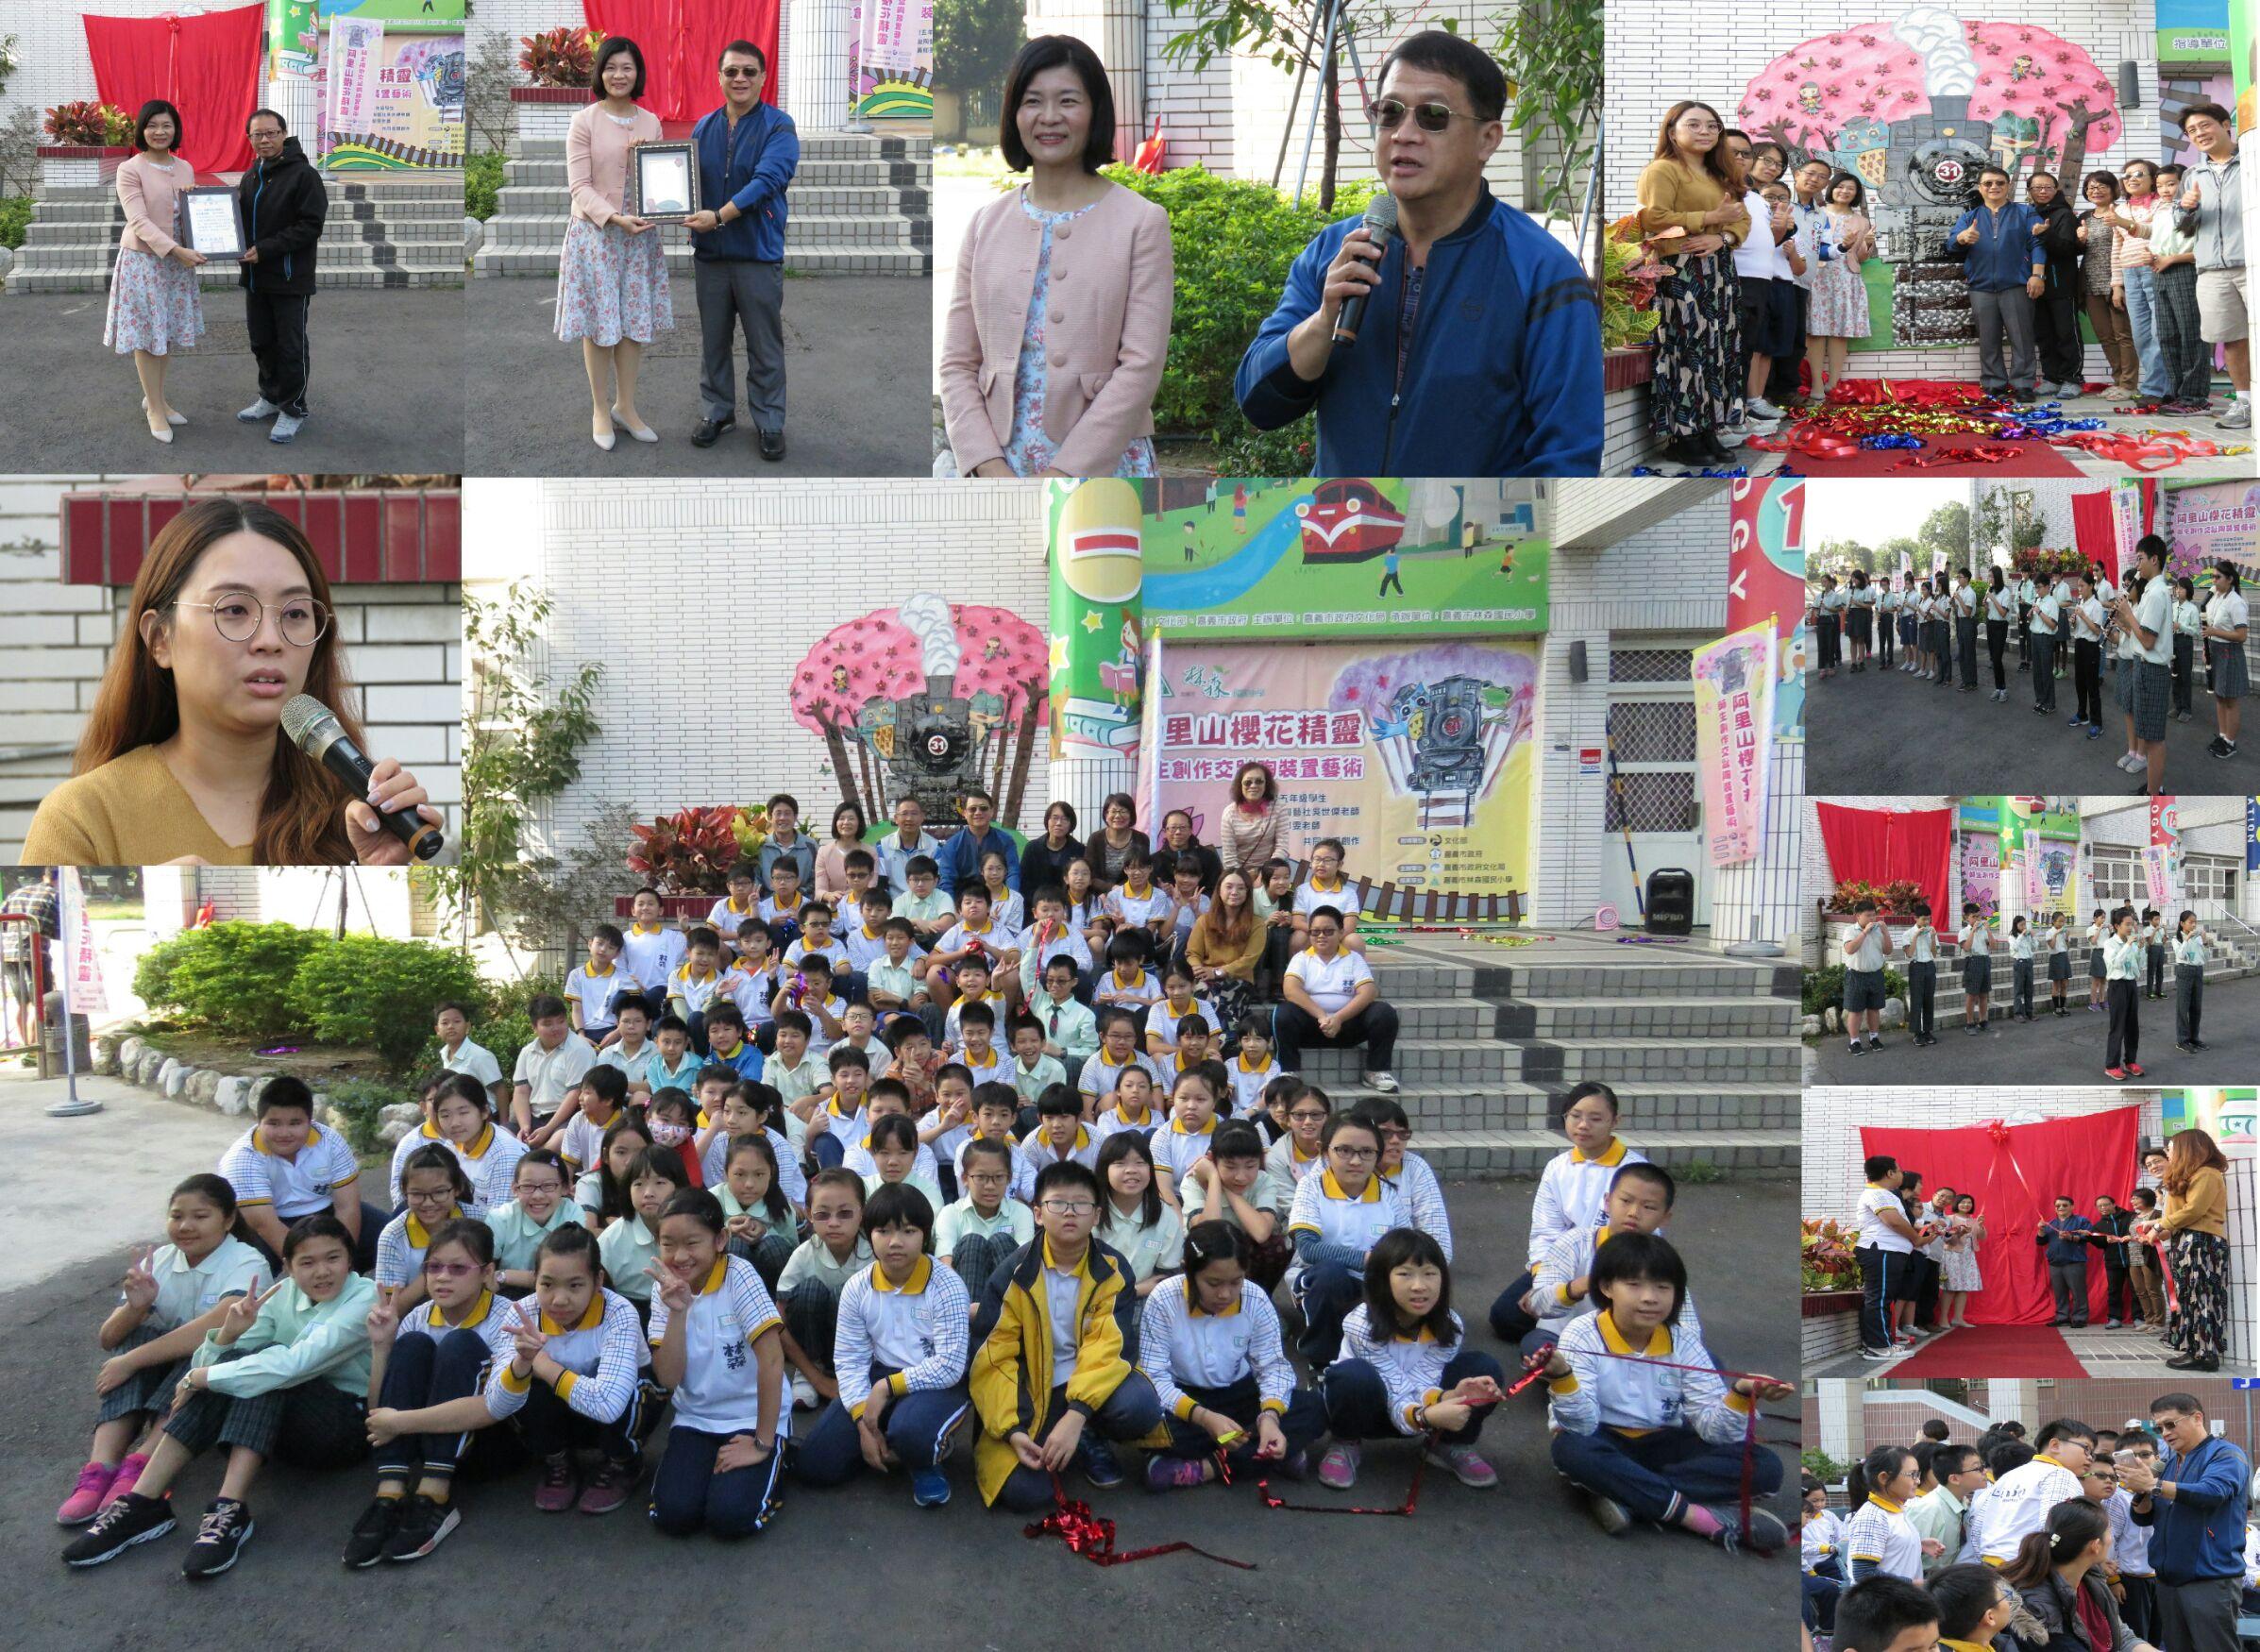 嘉義市林森國小交趾陶牆「阿里山櫻花精靈」揭幕